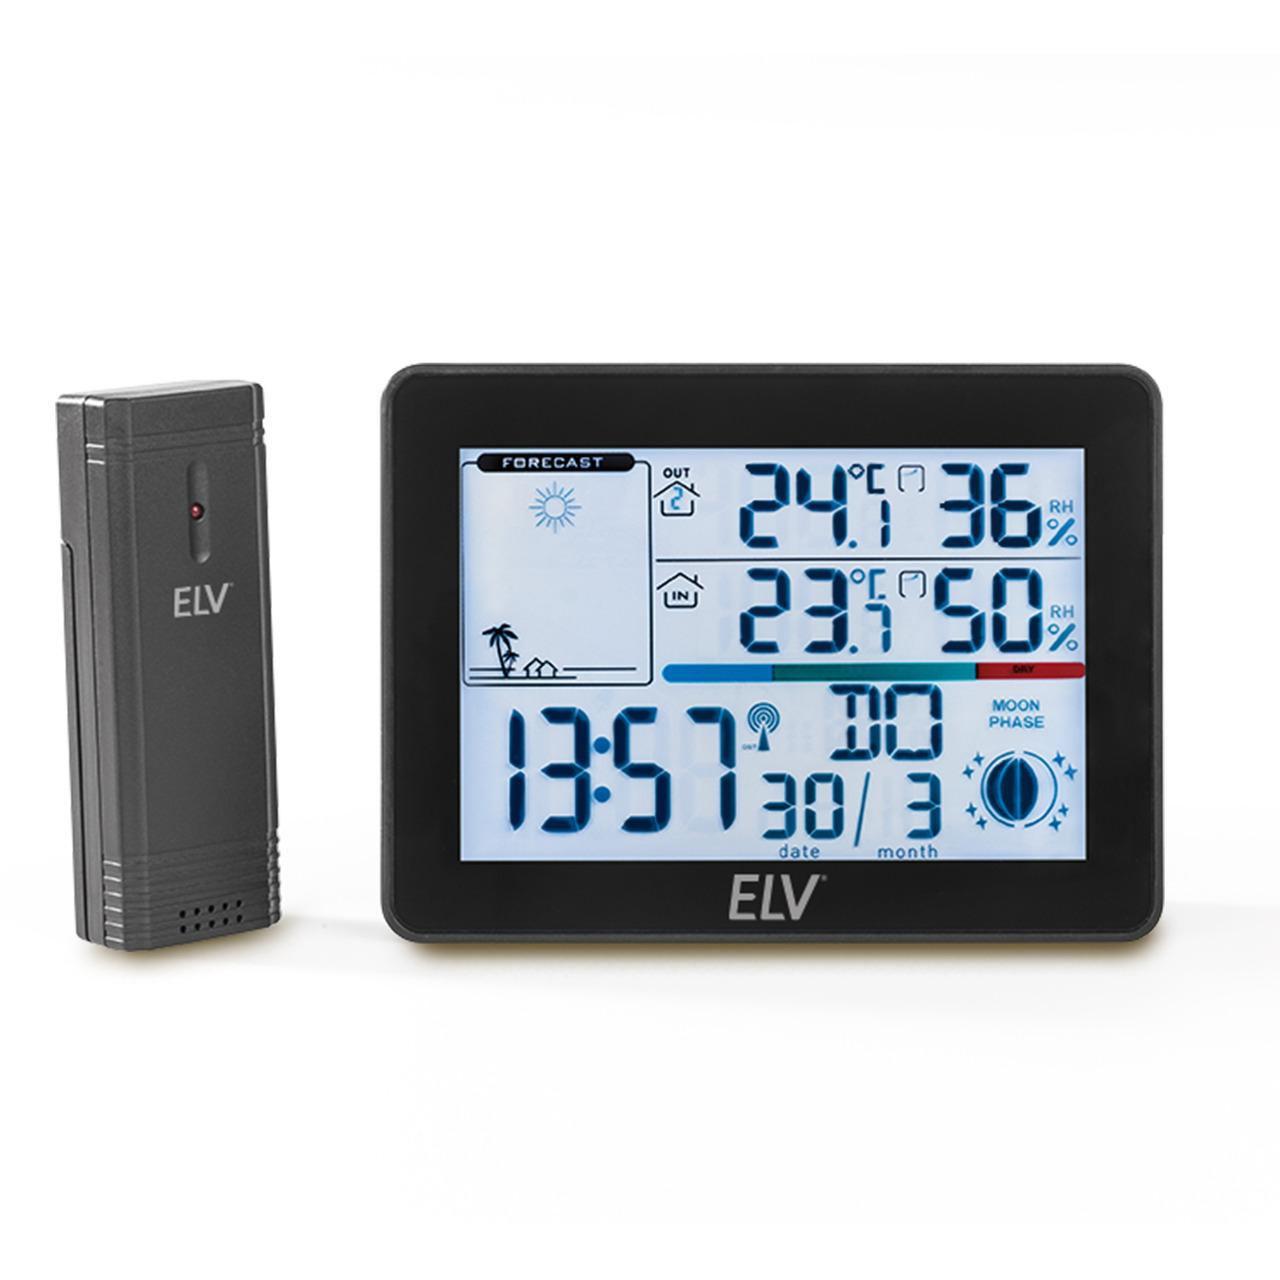 ELV Funk-Wetterstation WS50- inkl- Auund-223 ensensor